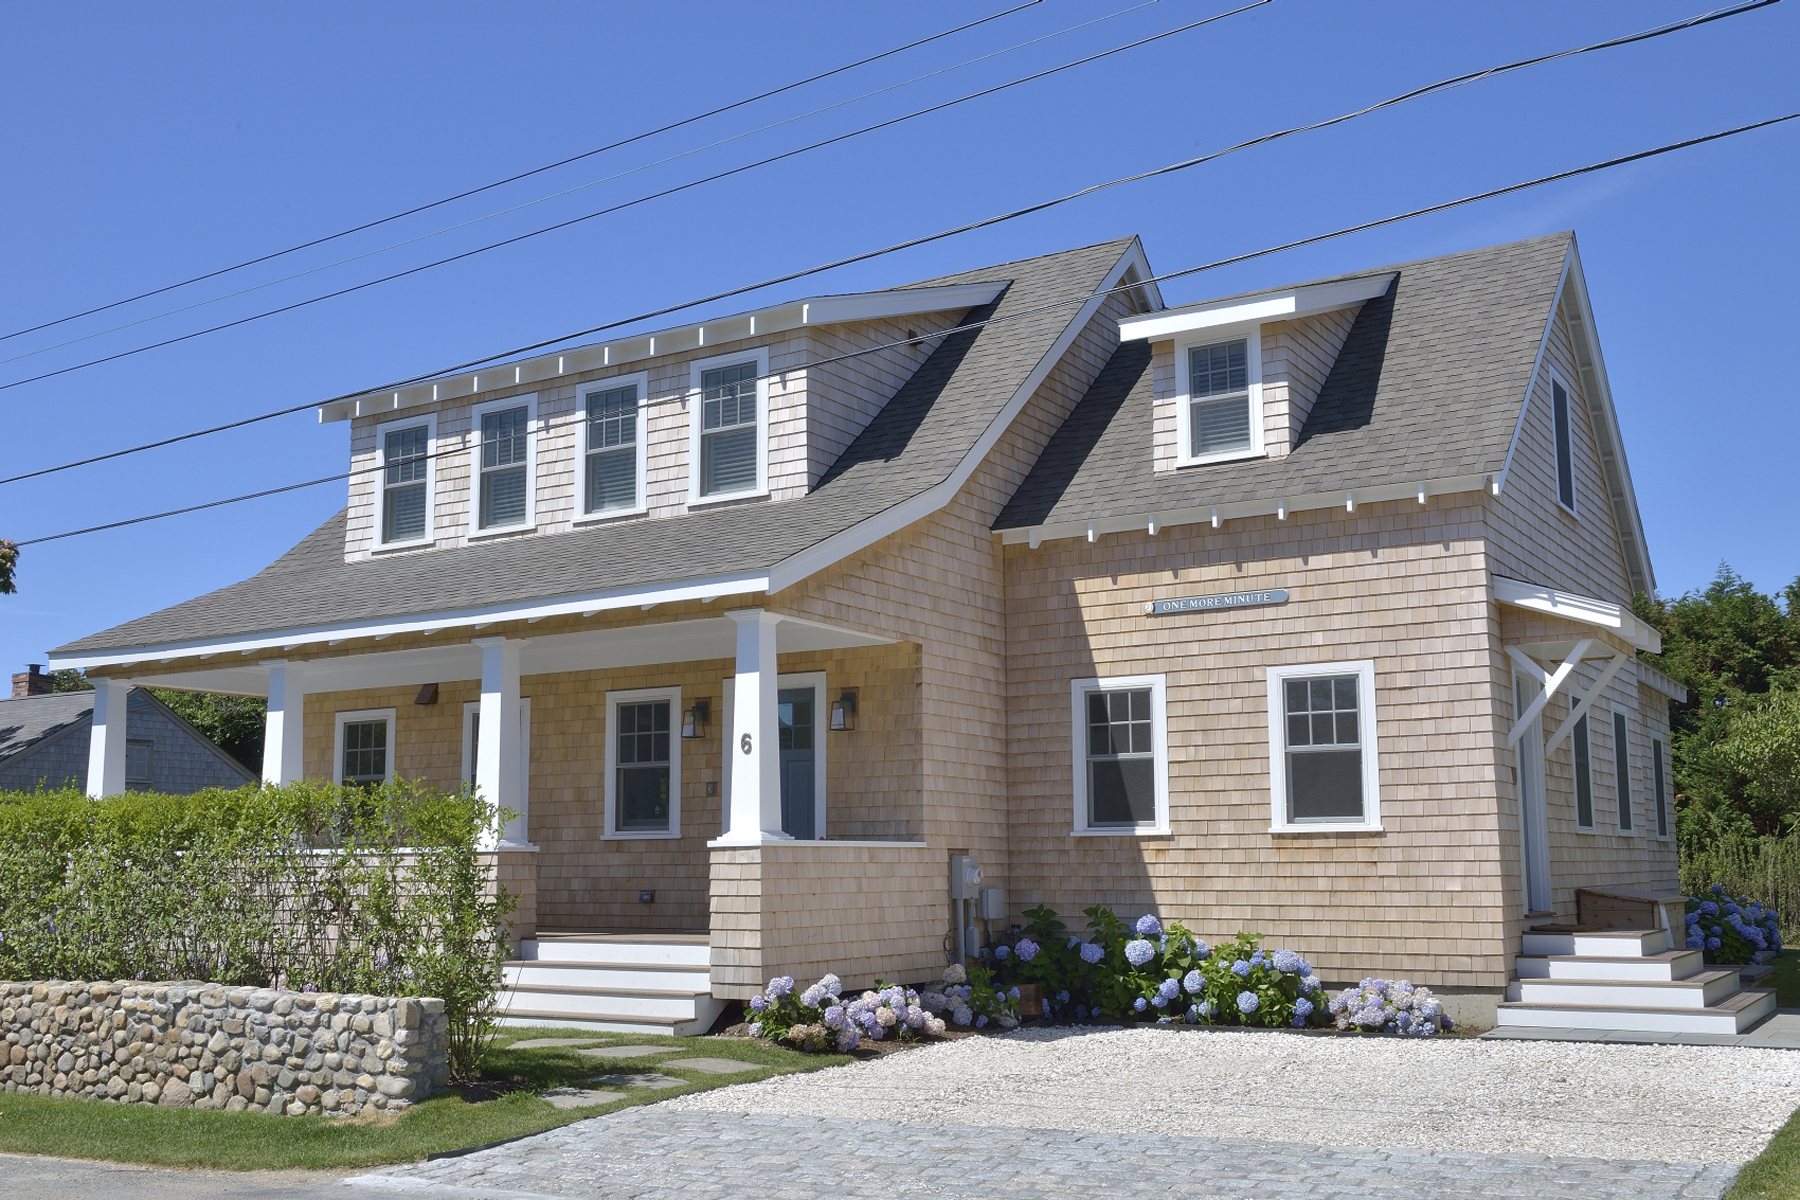 Tek Ailelik Ev için Satış at Impeccable Cliff Home 6 Delaney Road Nantucket, Massachusetts 02554 Amerika Birleşik Devletleri